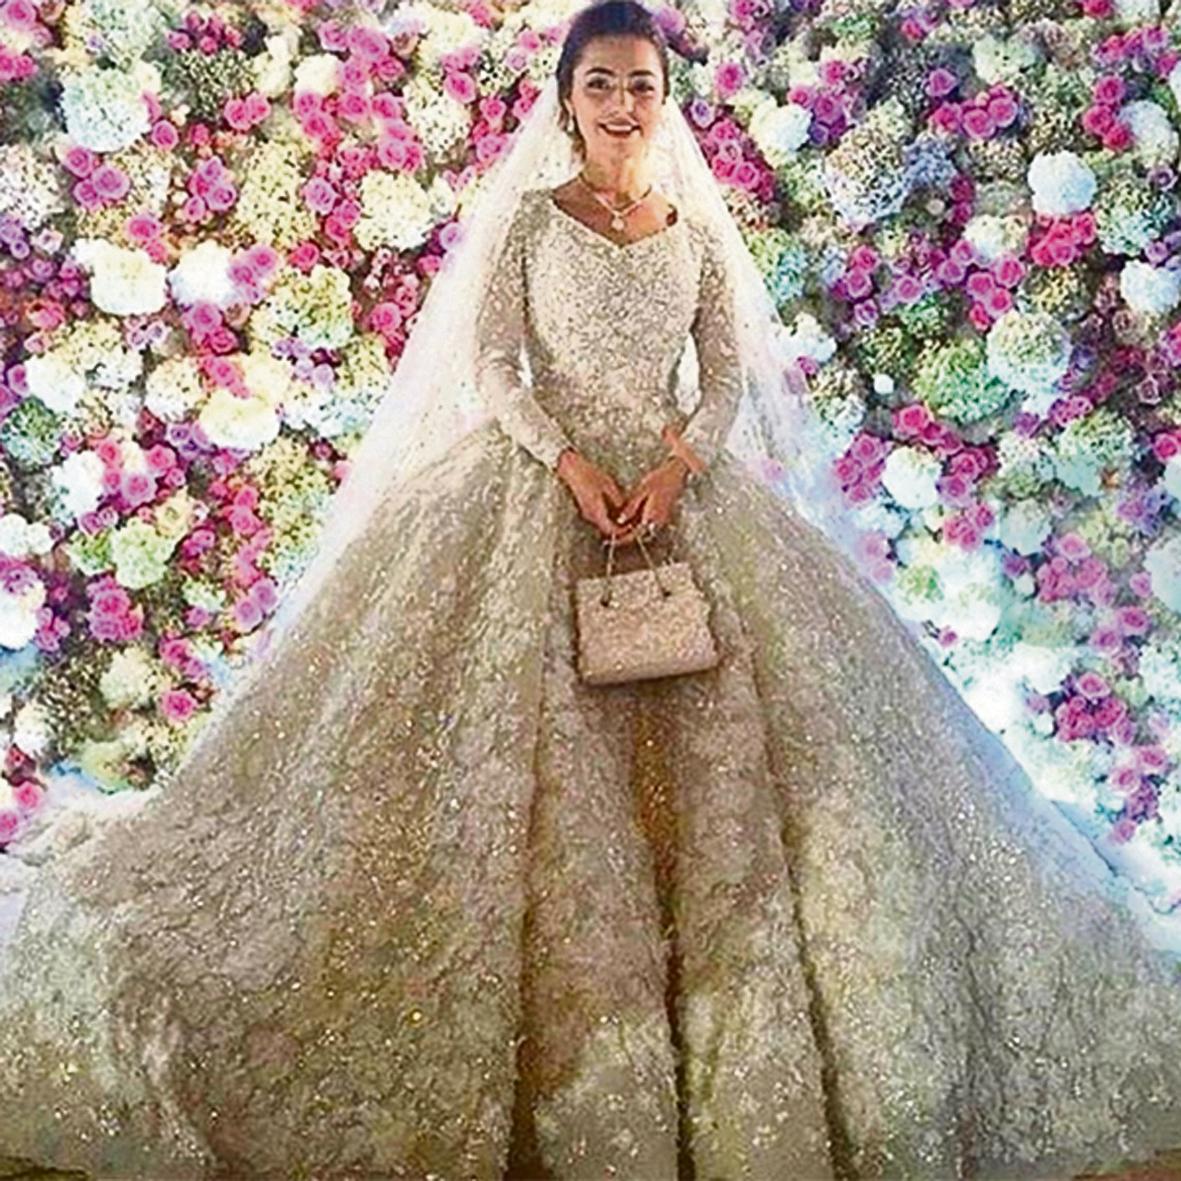 A Billion Dollar Wedding